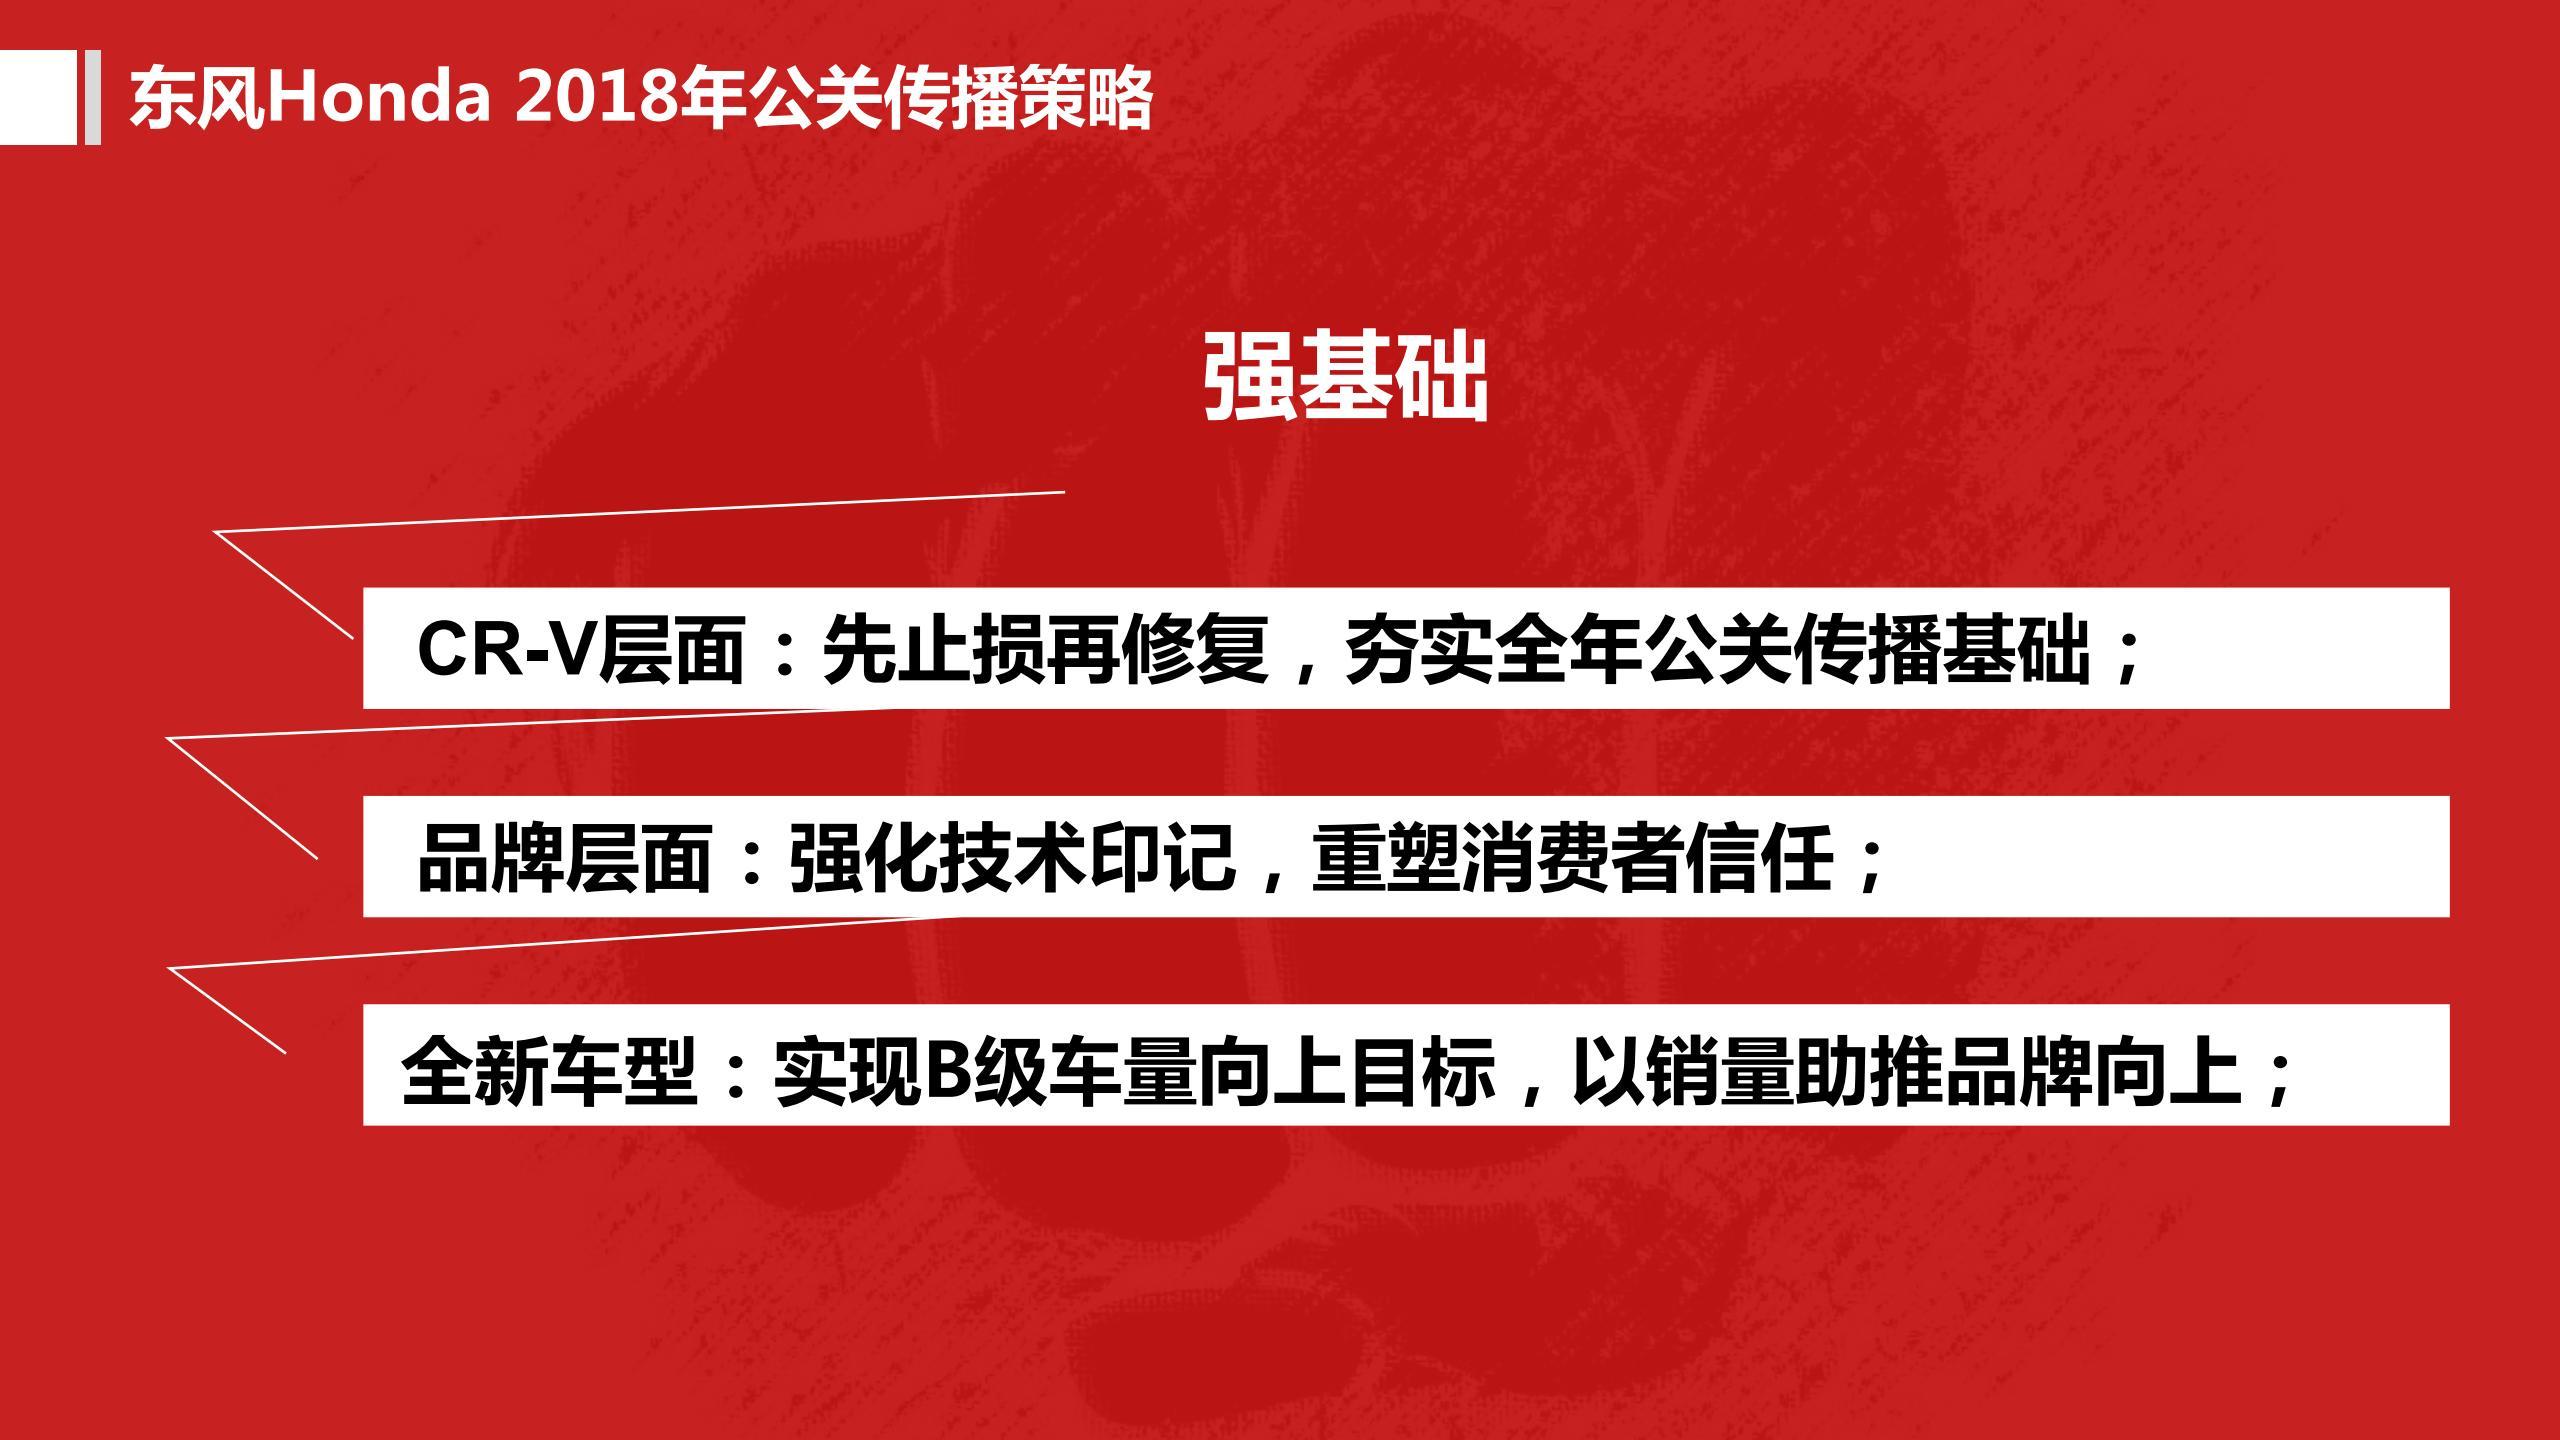 2018东风本田年度公关传播方案,日常及重大危机应对